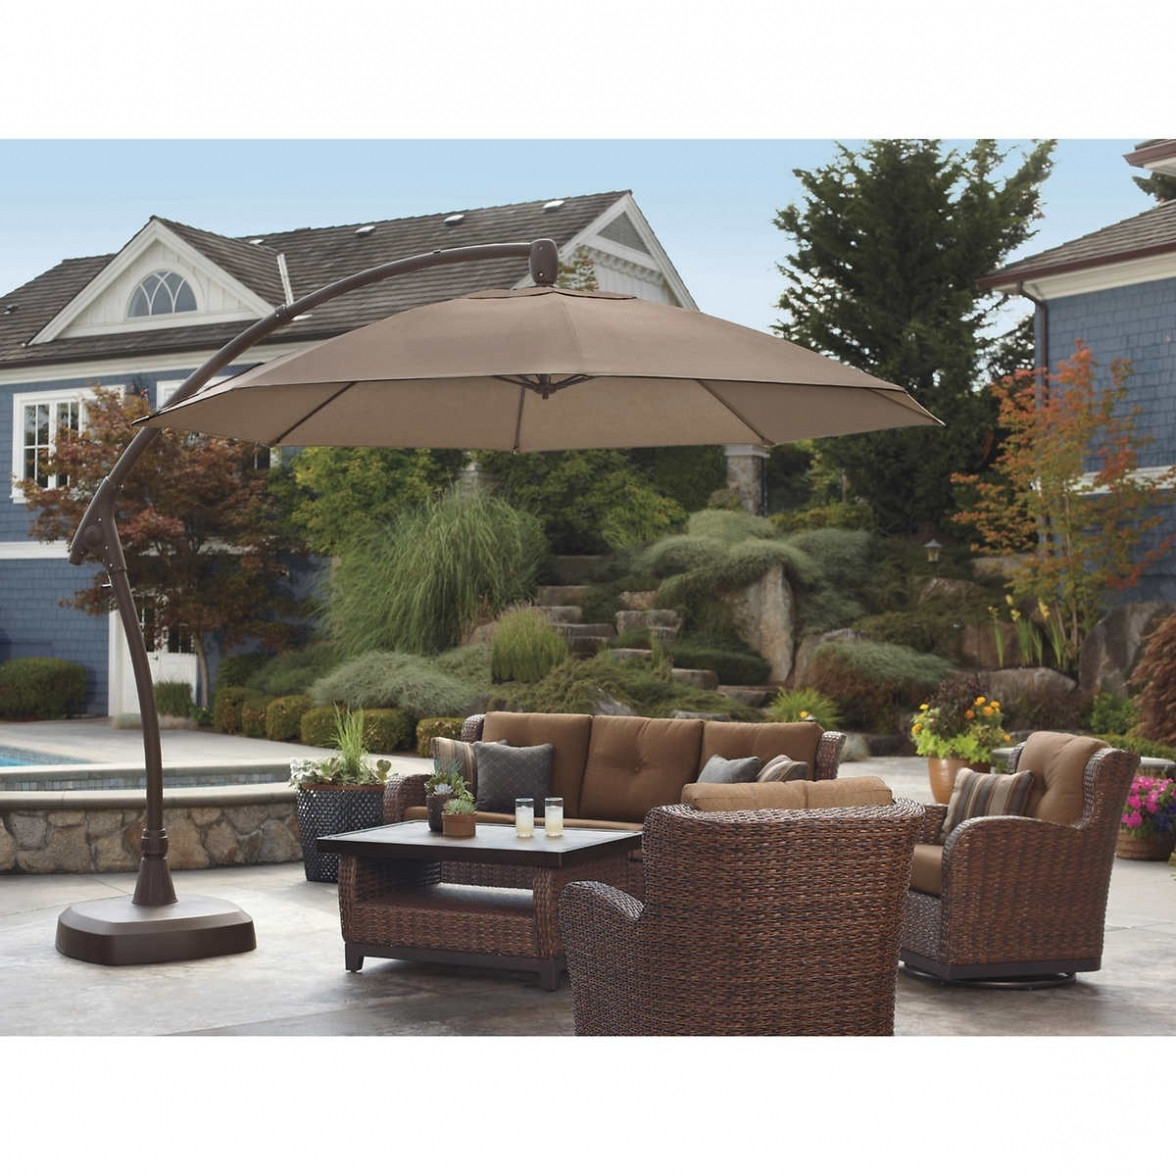 Favorite Costco Patio Umbrella – Home Design Ideas Inside Costco Patio Umbrellas (View 3 of 20)